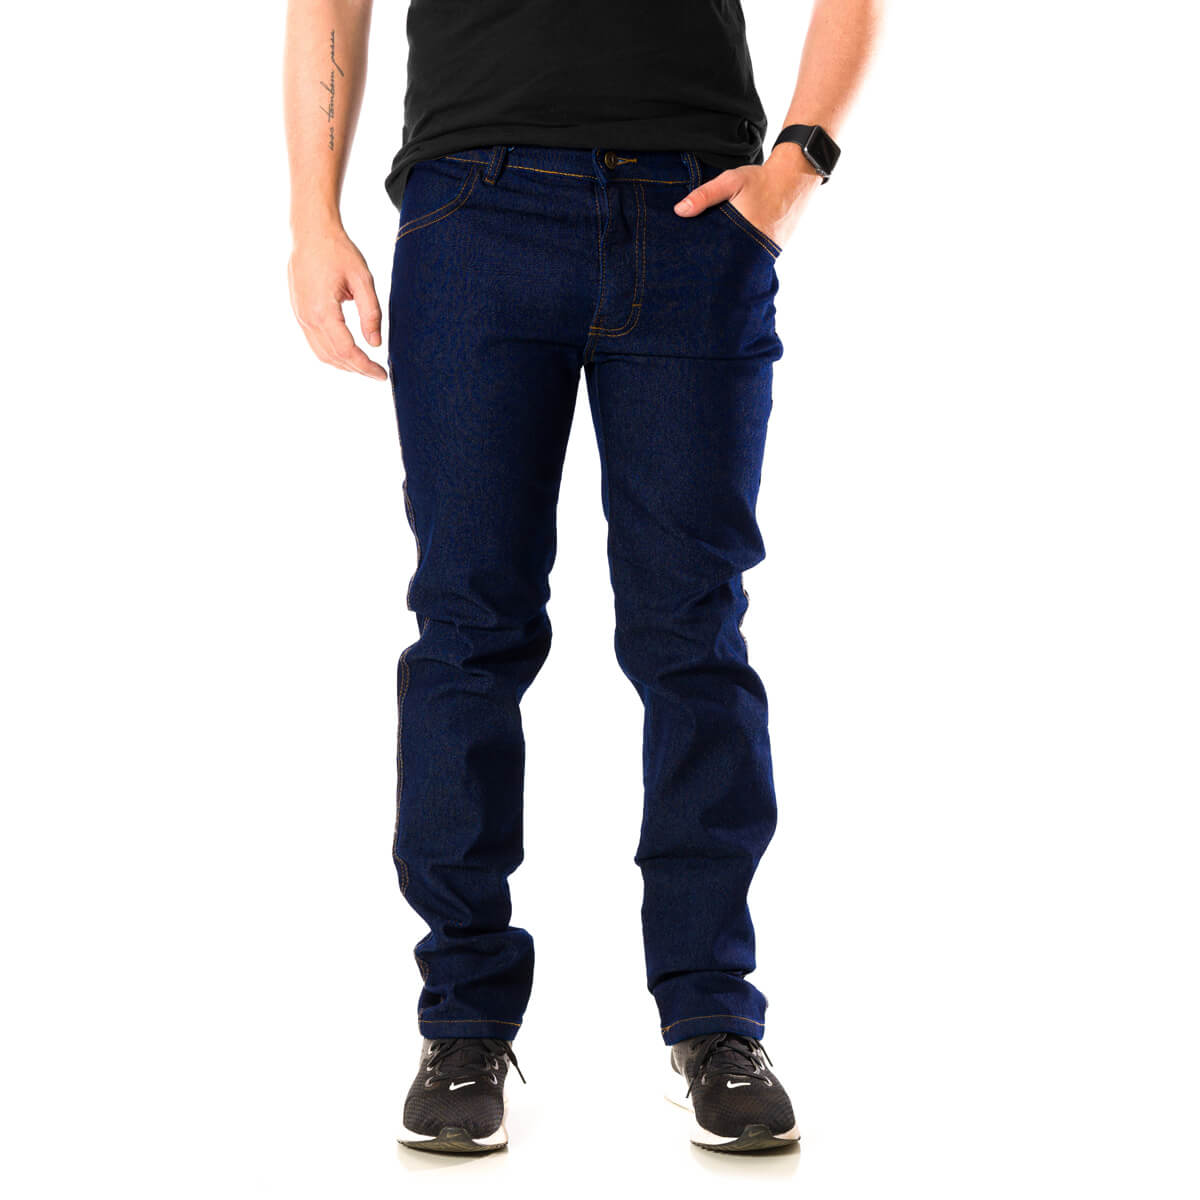 Calça Jeans Masculina Básica Tradicional Elastano